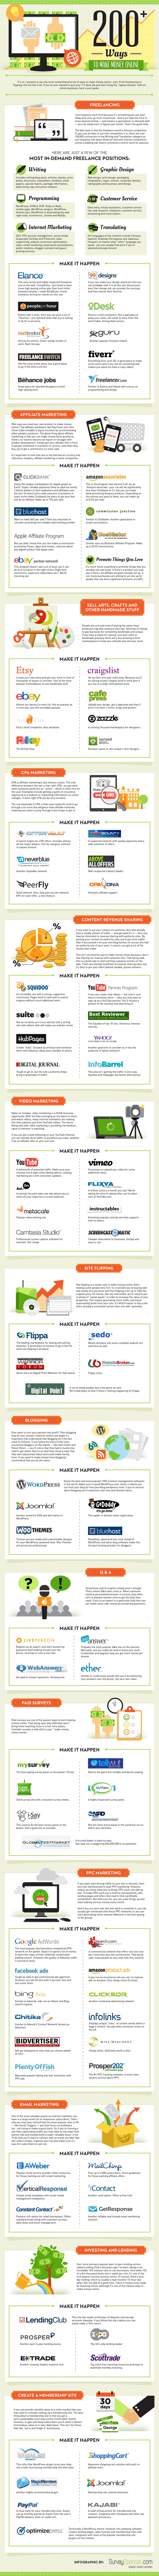 Ways Make Money Online Infographic